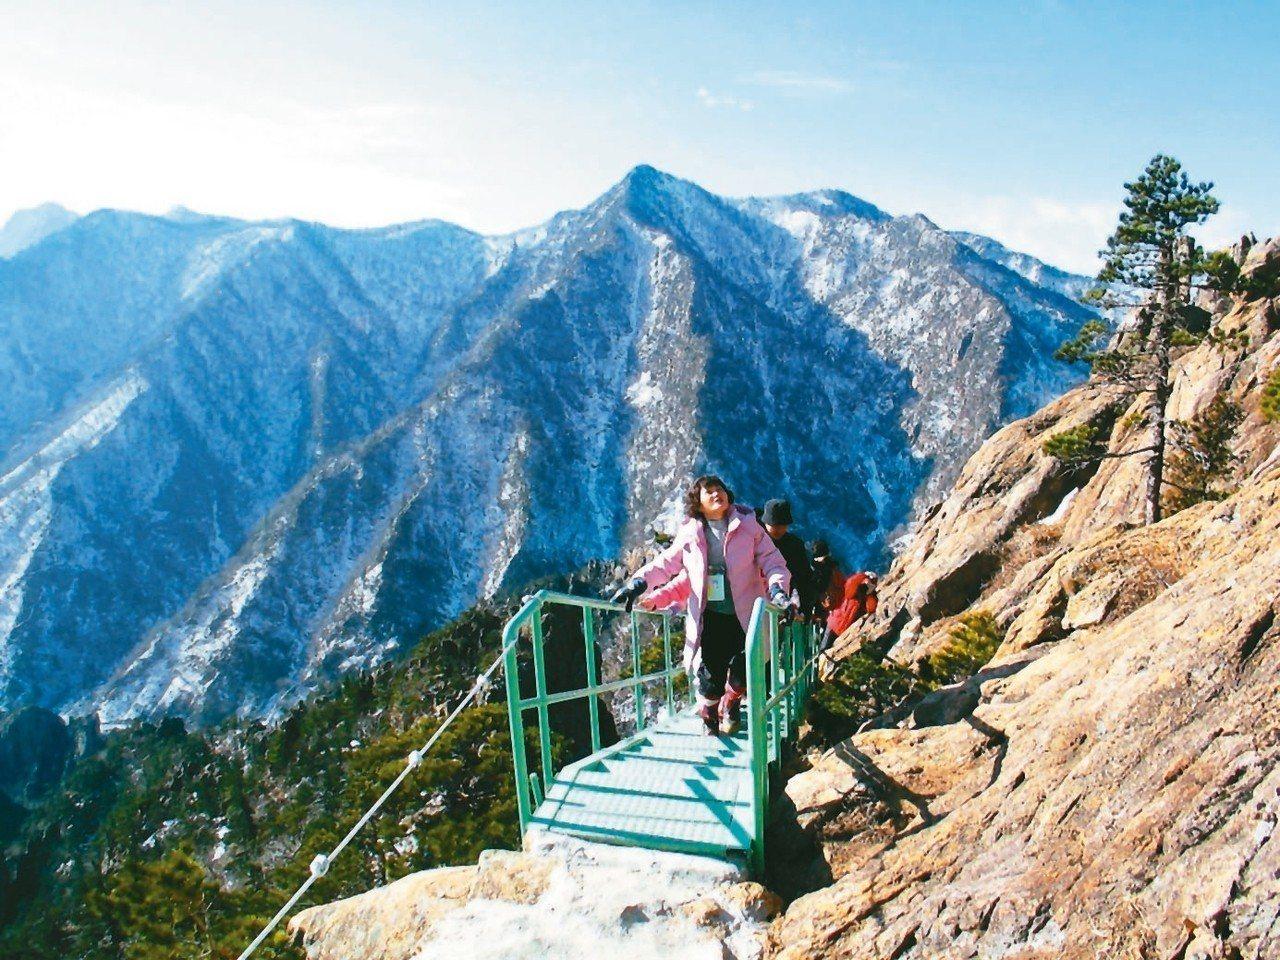 暑假安排不一樣的旅遊體驗?不妨上北韓走走。 圖/聯合報系資料照片